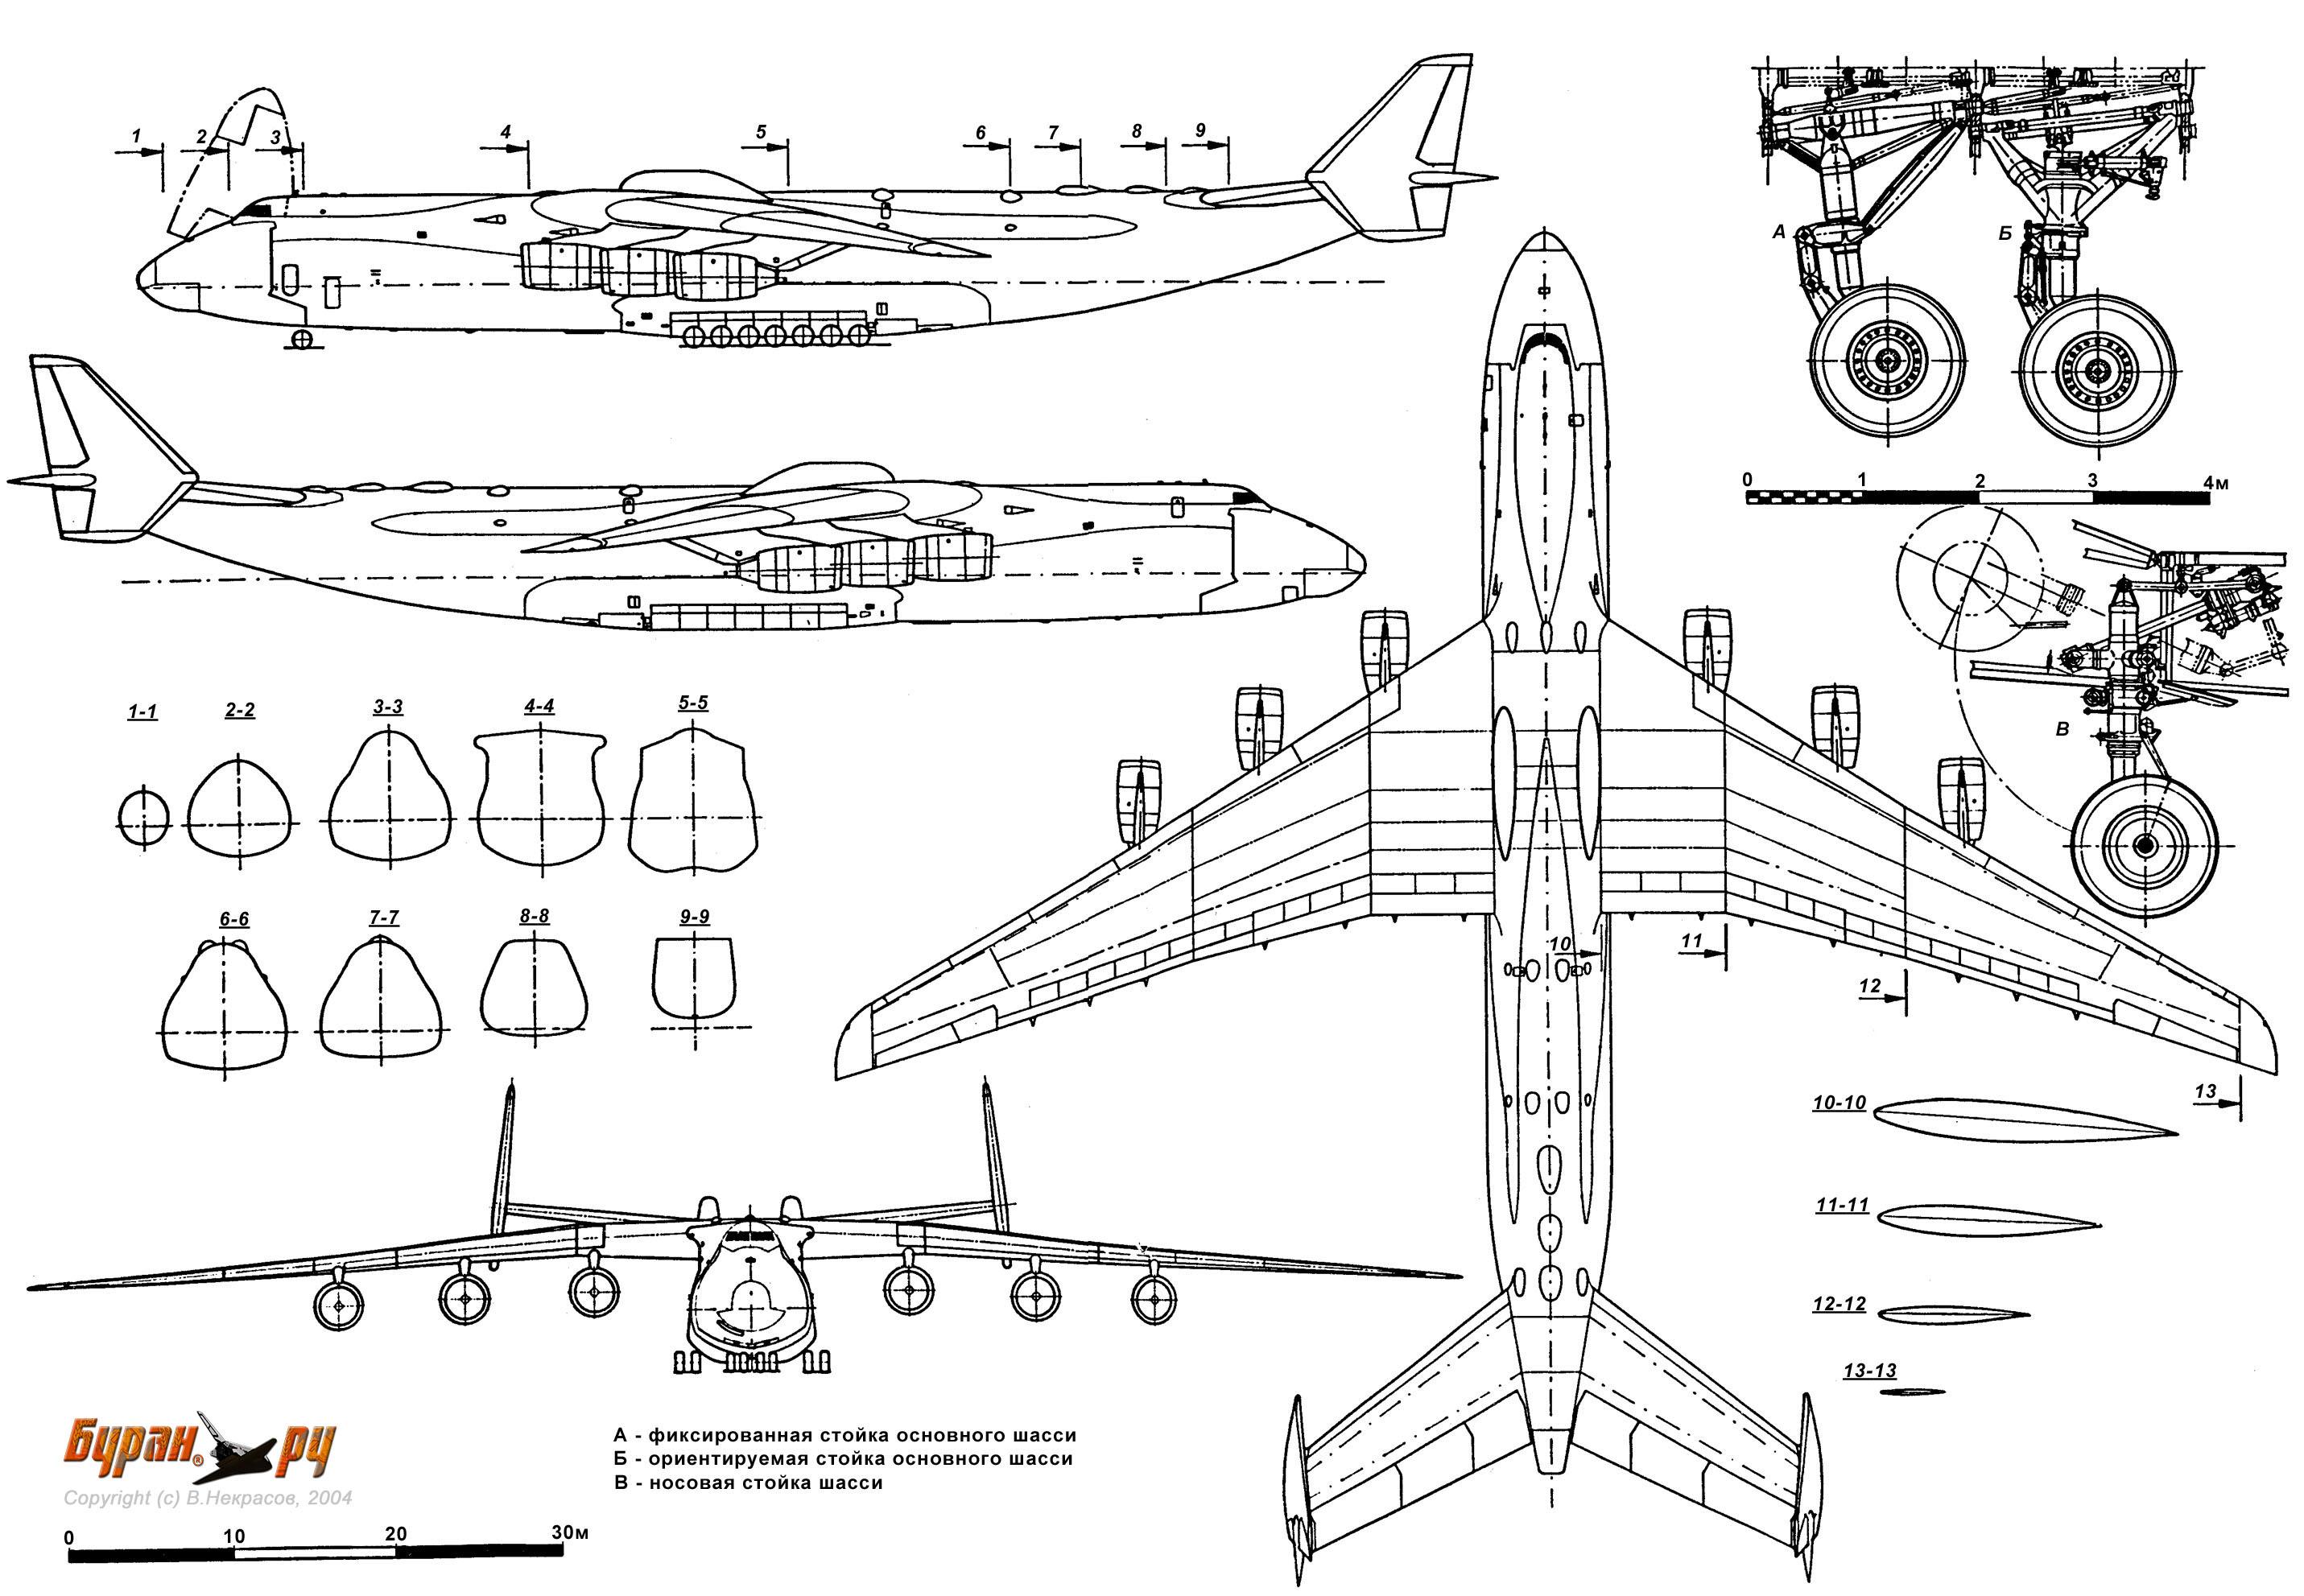 """Тяжелый транспортный самолет Ан-225  """"Мрия """" был разработан в ОКБ им. О.К.Антонова под руководством генерального..."""